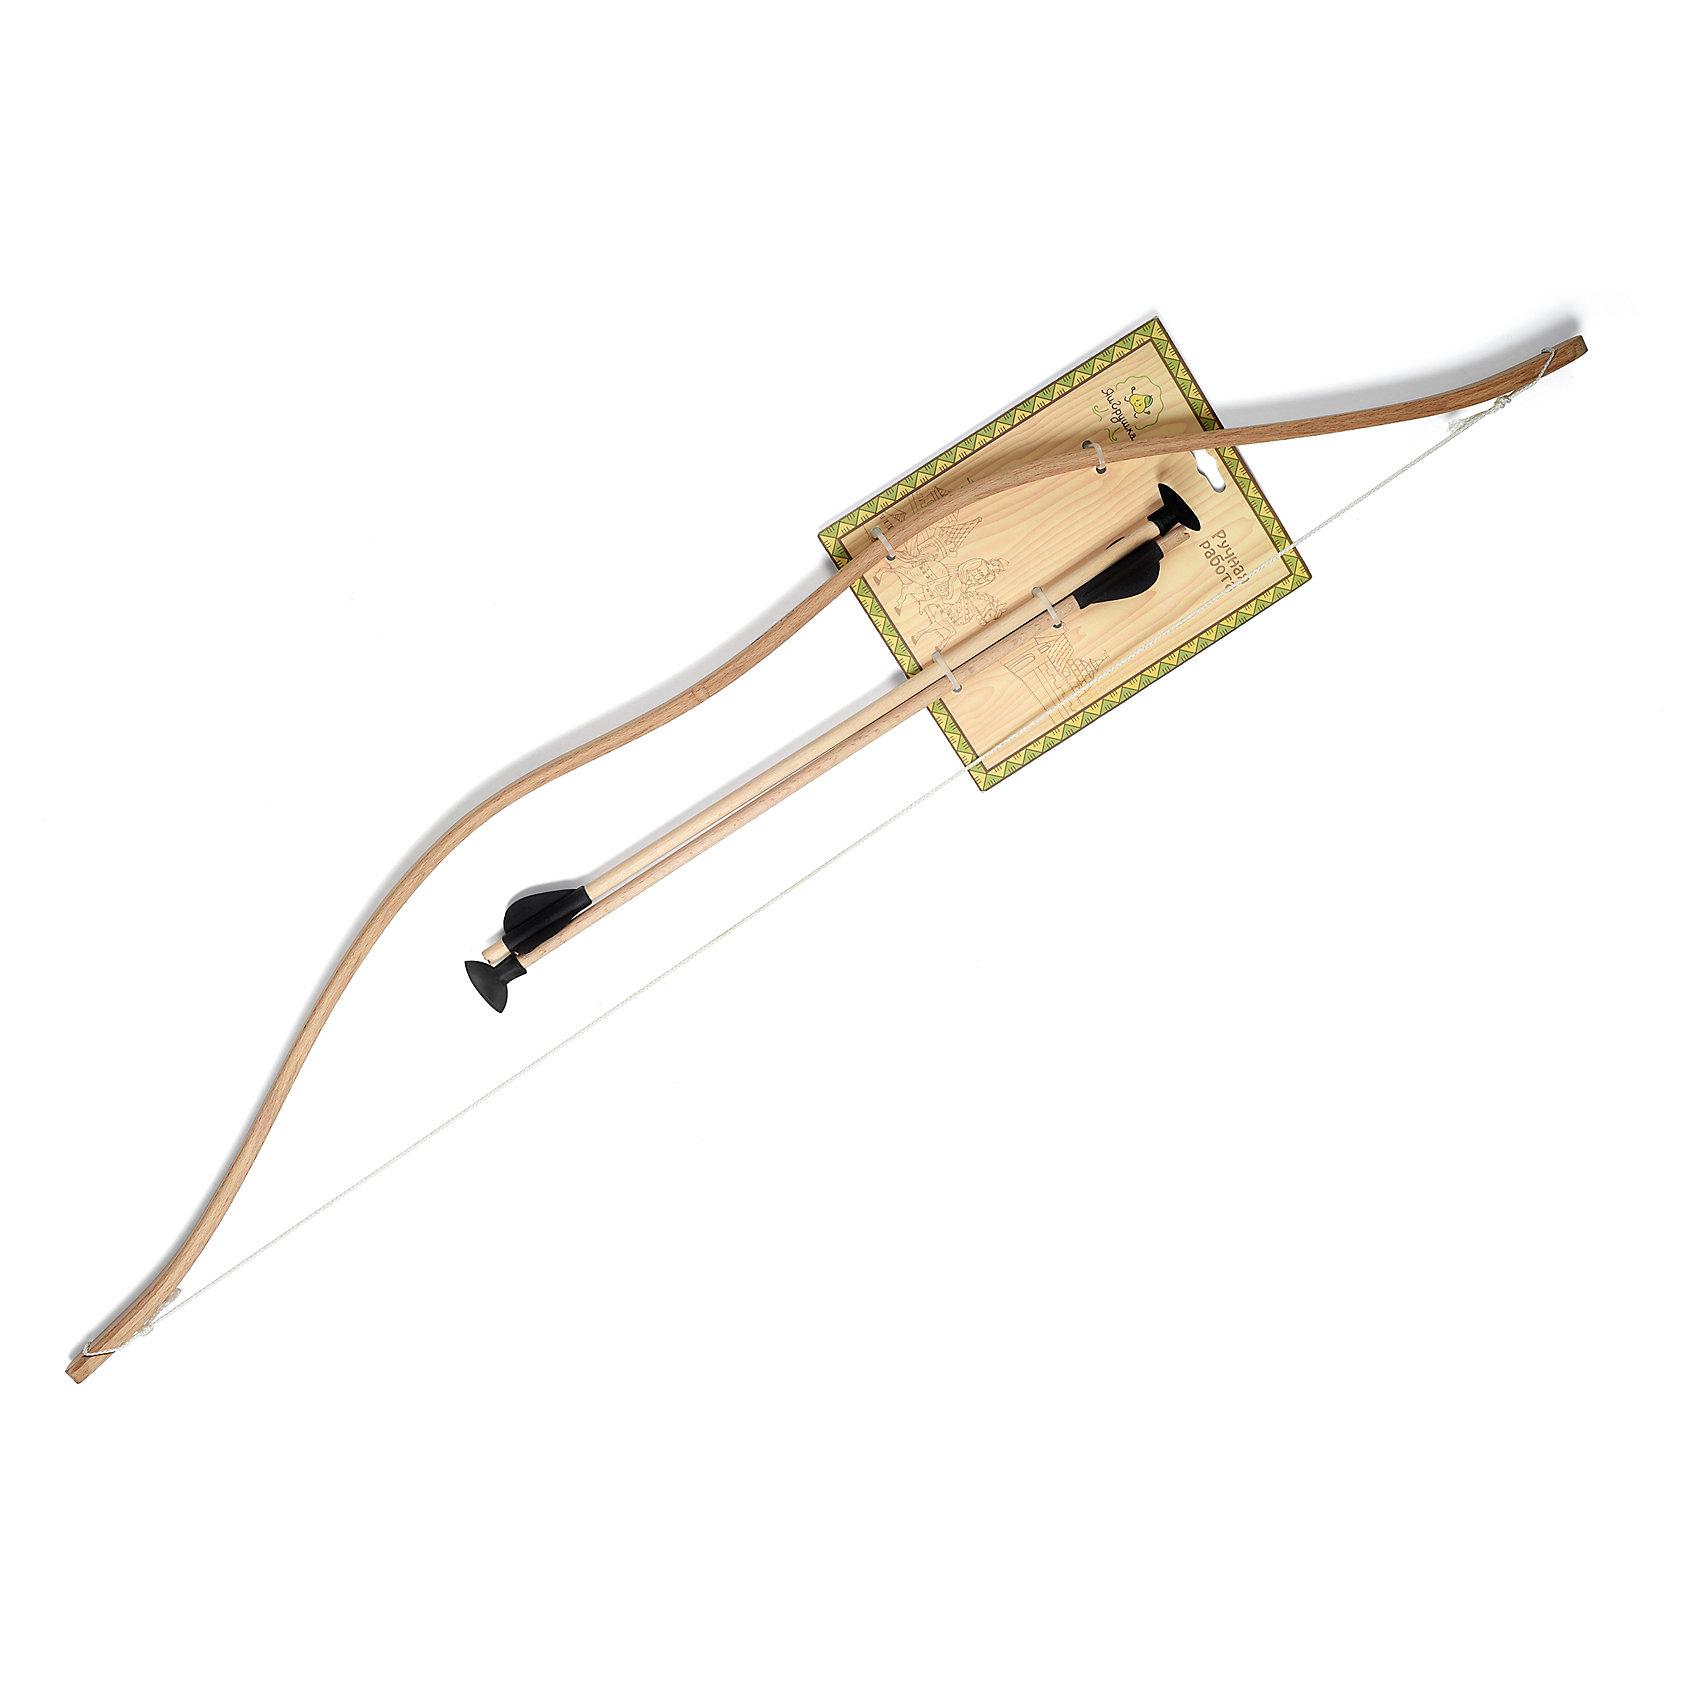 Комплект стрел для лука 2 шт, ЯиГрушкаИгрушечное оружие<br>Характеристики товара:<br><br>• возраст: от 4 лет<br>• материал: дерево<br>• в наборе 2 стрелы<br>• длина стрелы 40 см<br>• размер упаковки 46,5х12х3,5 см<br>• вес упаковки 60 г.<br>• страна бренда: Россия<br>• страна производитель: Россия<br><br>Комплект стрел для лука, 2 шт. ЯиГрушка — необходимый атрибут для проведения соревнований среди юных лучников. Дети смогут разнообразить прогулку на свежем воздухе, устроив состязание на определение самого меткого стрелка.<br><br>Стрелы изготовлены из дерева. Наконечник стрелы не острый, с резиновой накладкой, что исключает нанесение случайных травм.<br><br>Комплект стрел для лука, 2 шт. ЯиГрушка можно приобрести в нашем интернет-магазине.<br><br>Ширина мм: 120<br>Глубина мм: 35<br>Высота мм: 465<br>Вес г: 60<br>Возраст от месяцев: 36<br>Возраст до месяцев: 2147483647<br>Пол: Мужской<br>Возраст: Детский<br>SKU: 5516724